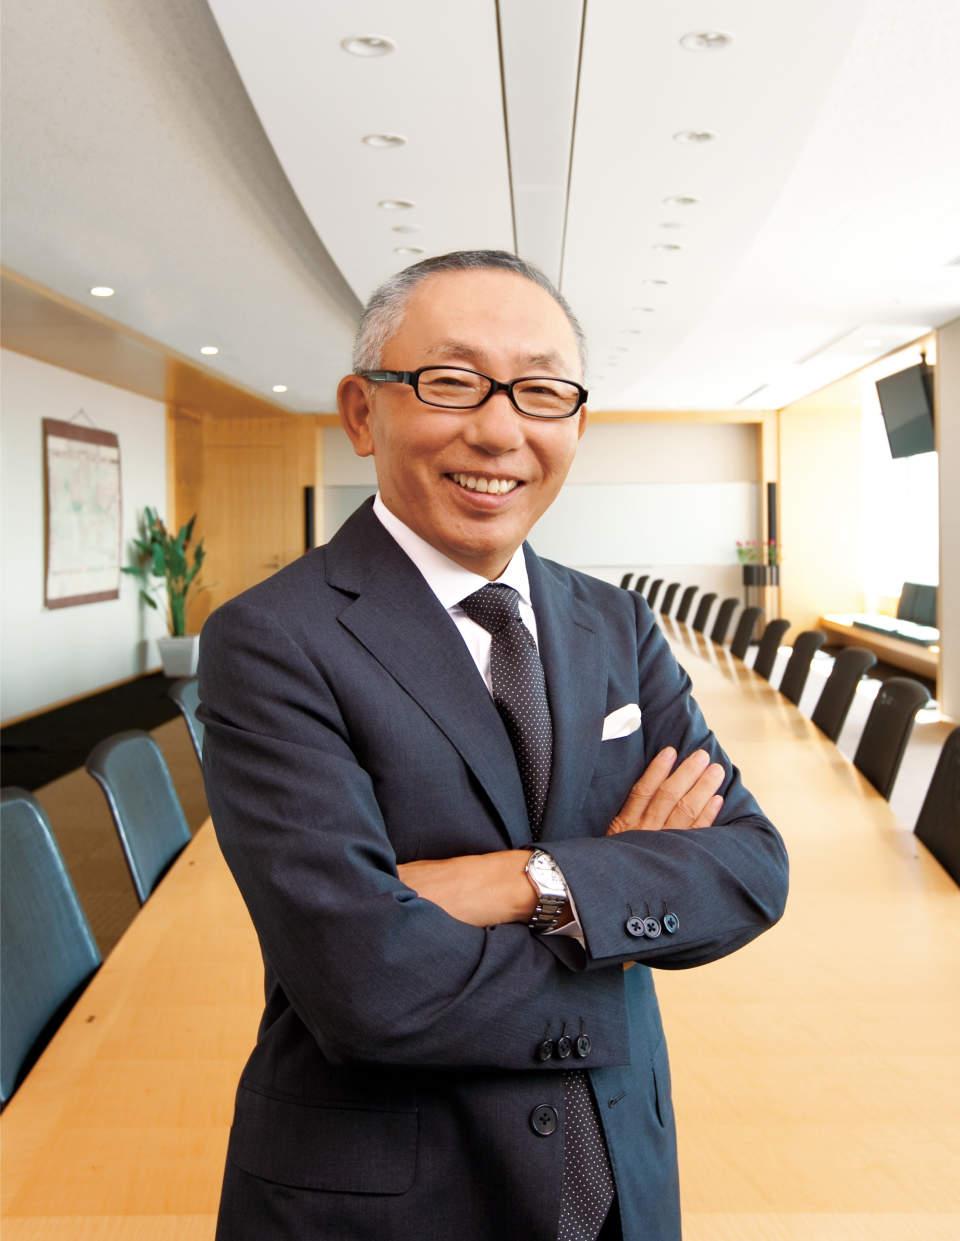 仕事は追いかけられるものではなく、追いかけるもの――。日本のトップ経営者たちが心に刻む教訓集 4番目の画像